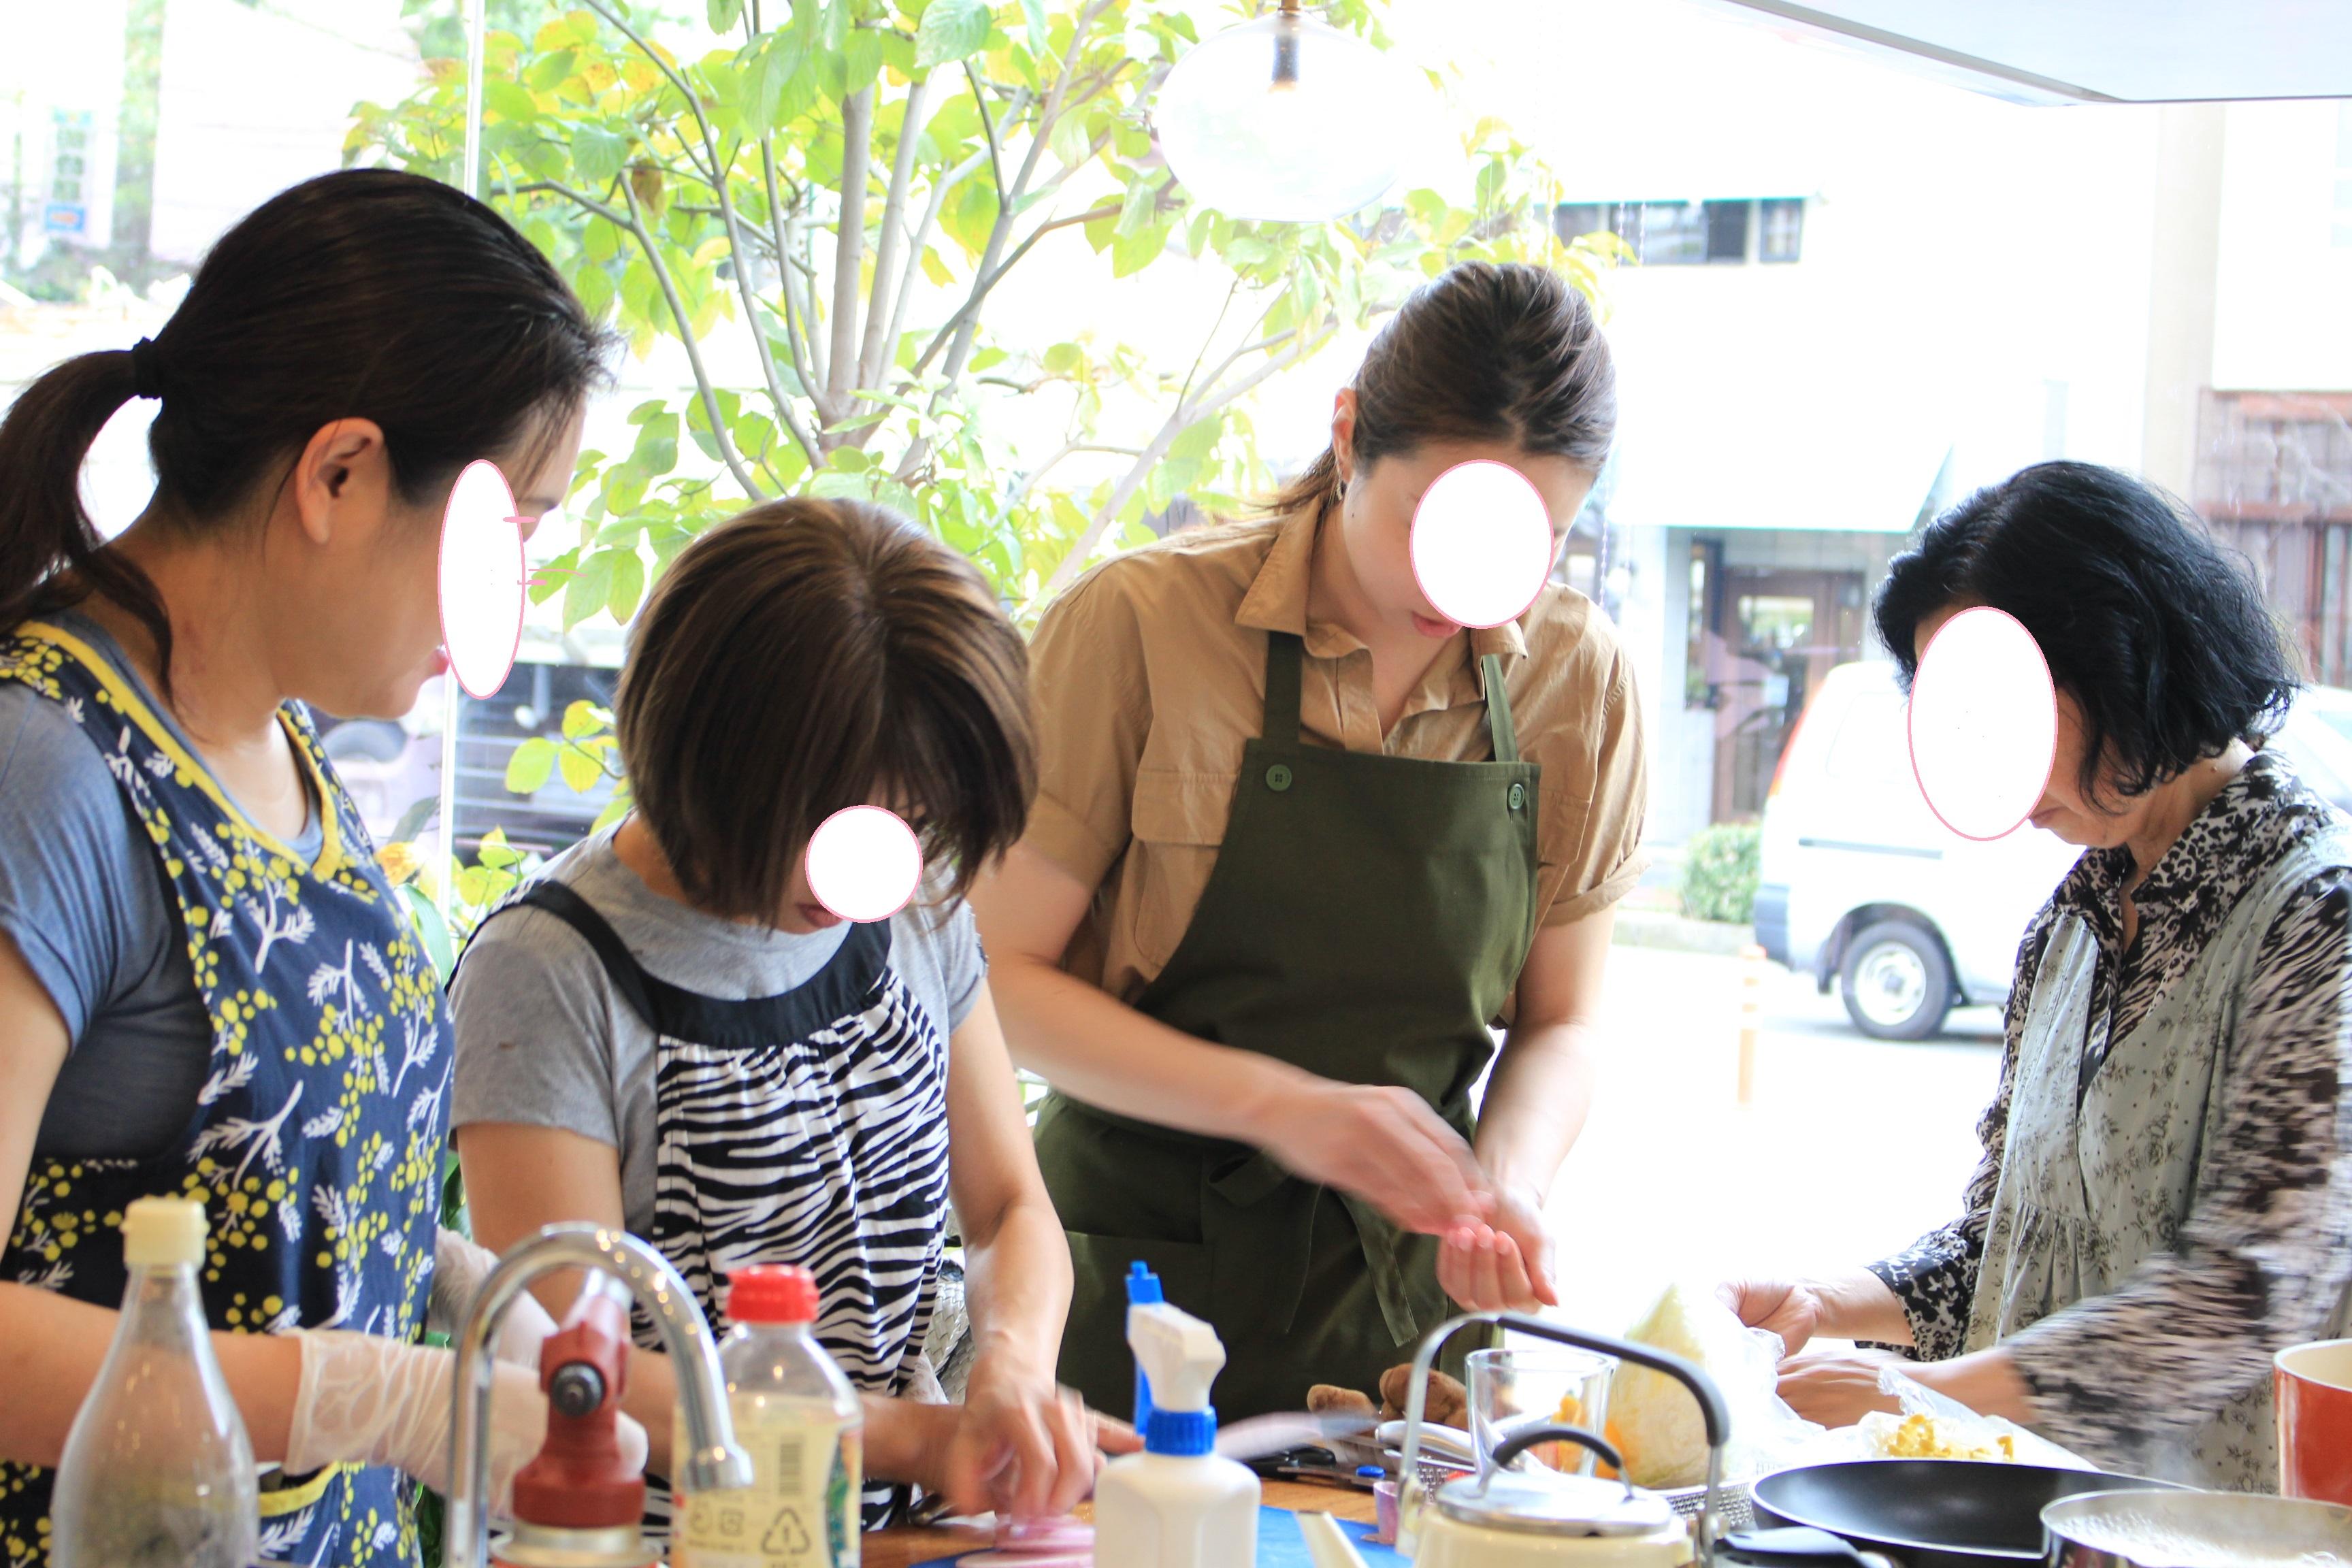 a-ta-sante糖質制限パン料理教室。10月度『糖質制限家庭料理』初日!テーマ『Rinoブレンド甘いたれ』